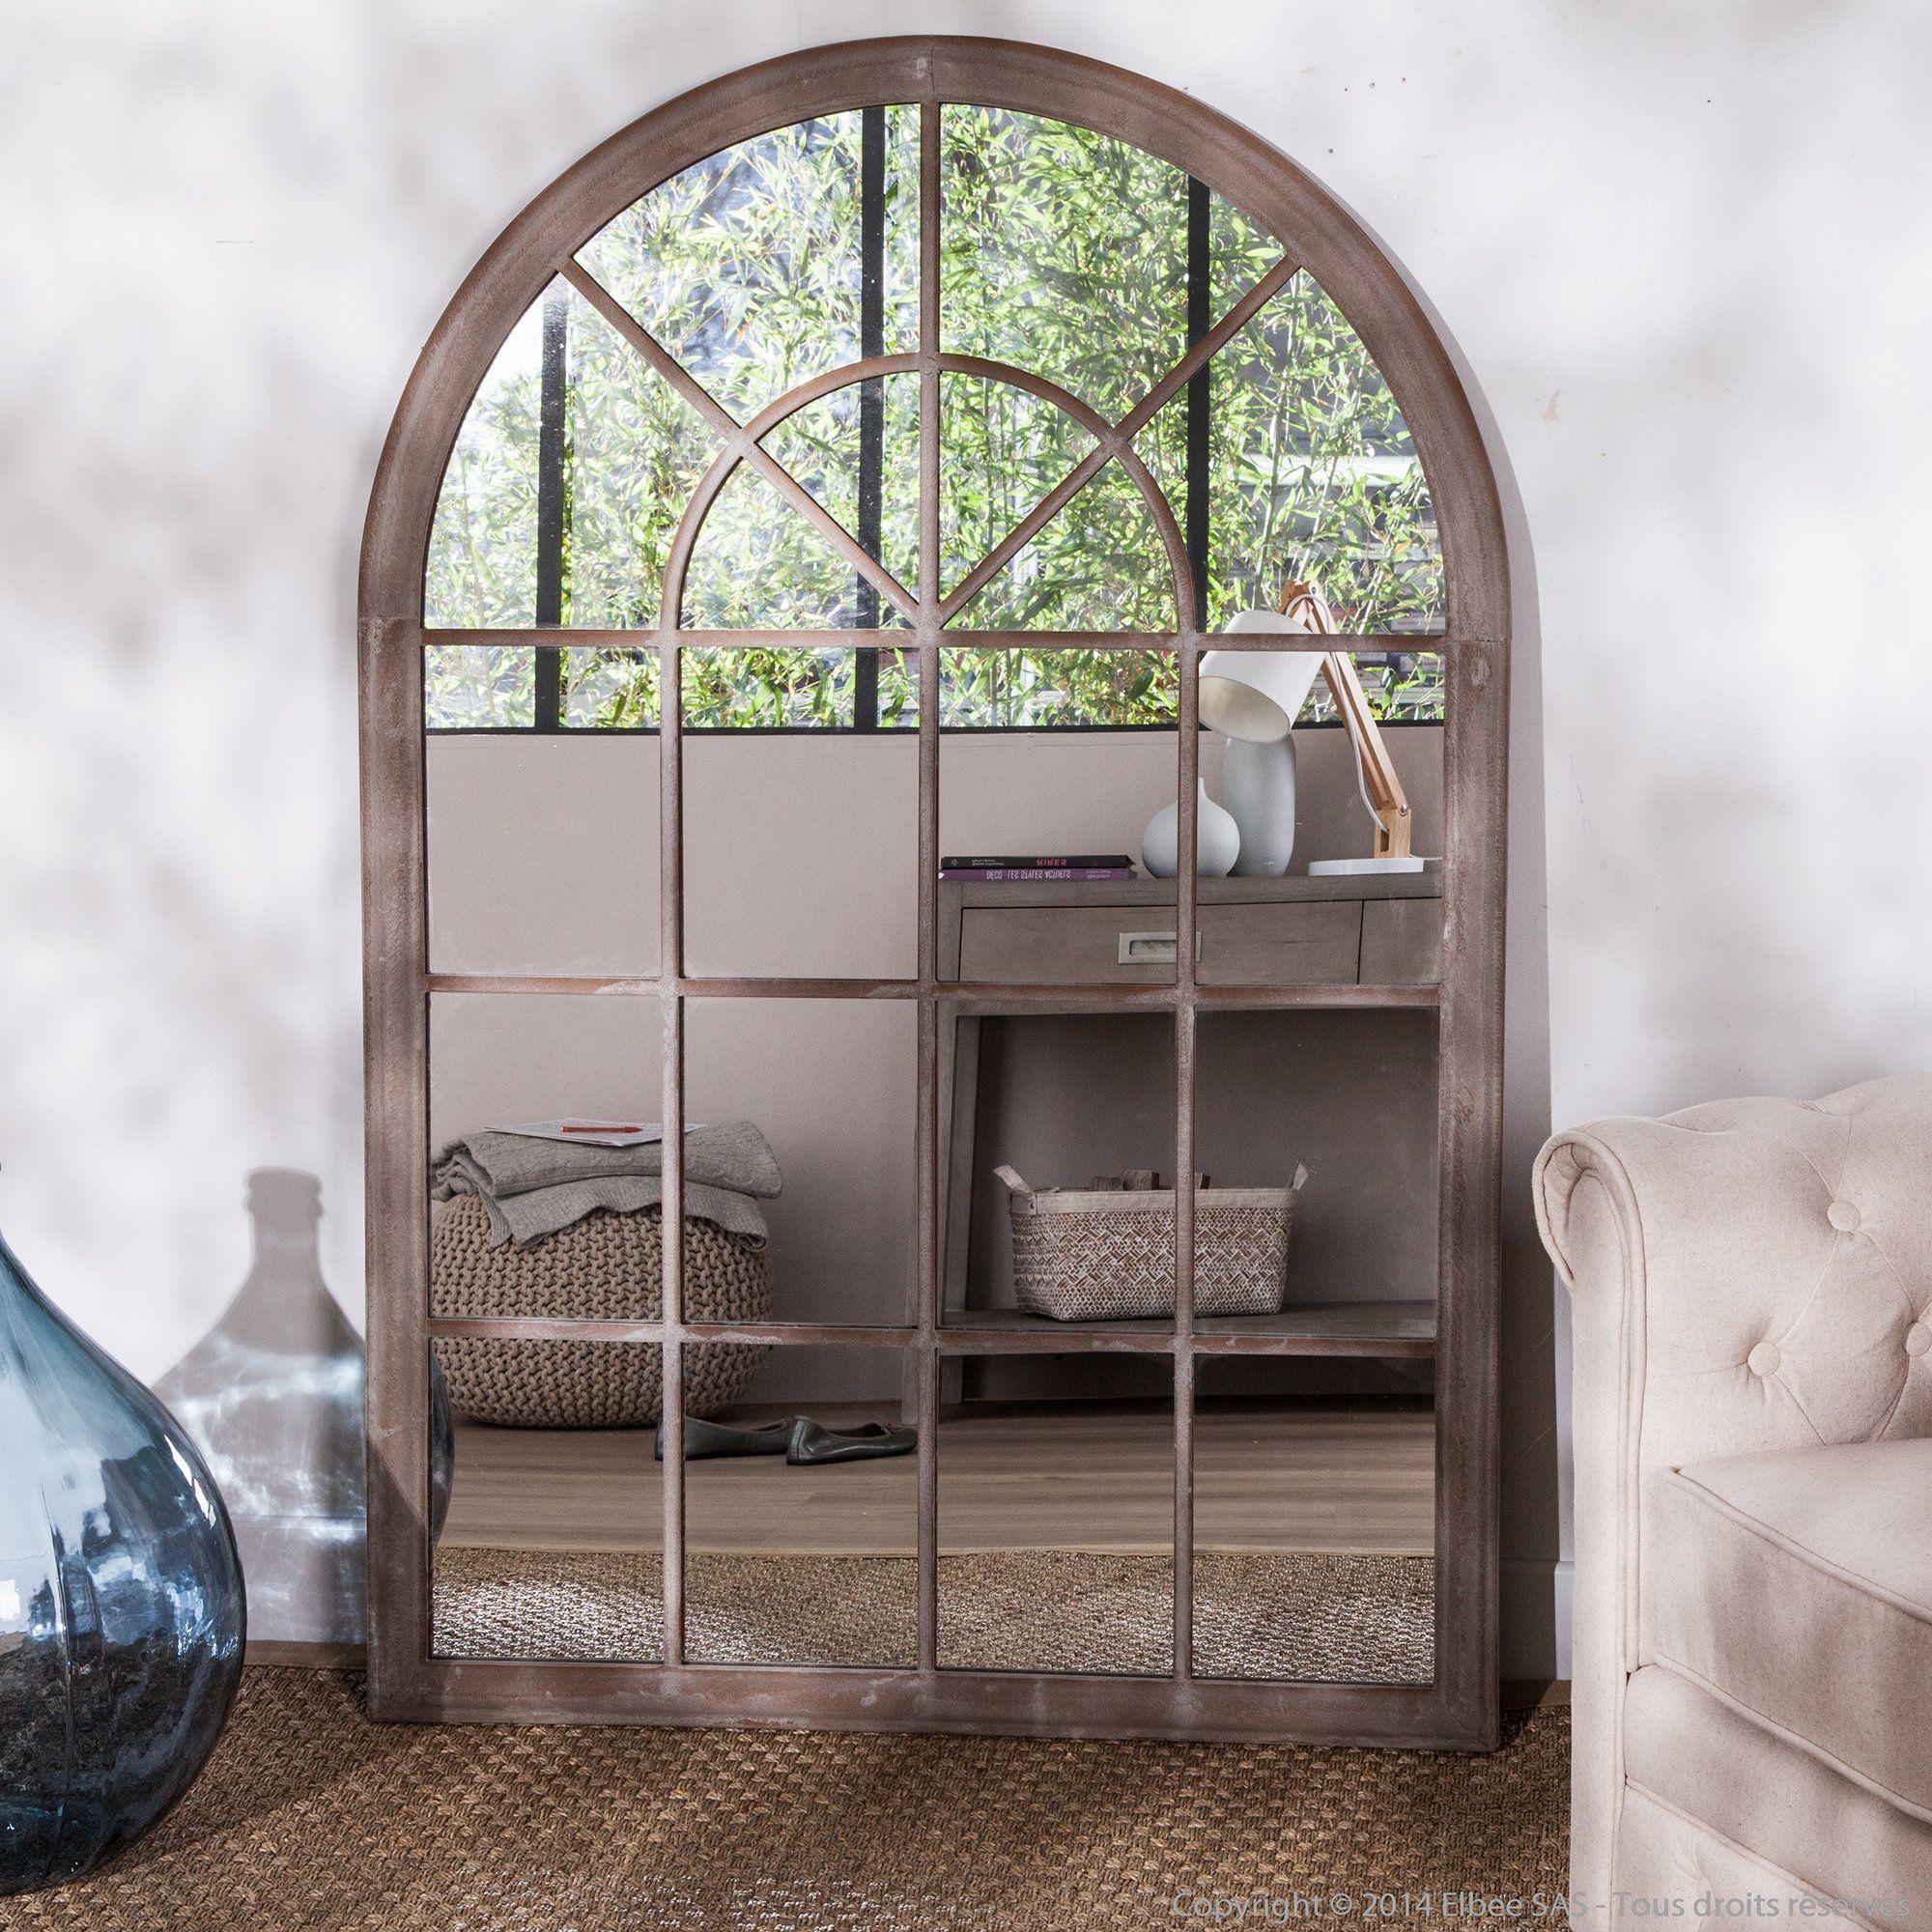 Livraison offerte sur tout le site delamaison home sweet home pinterest demeure miroirs for Grand miroir gris